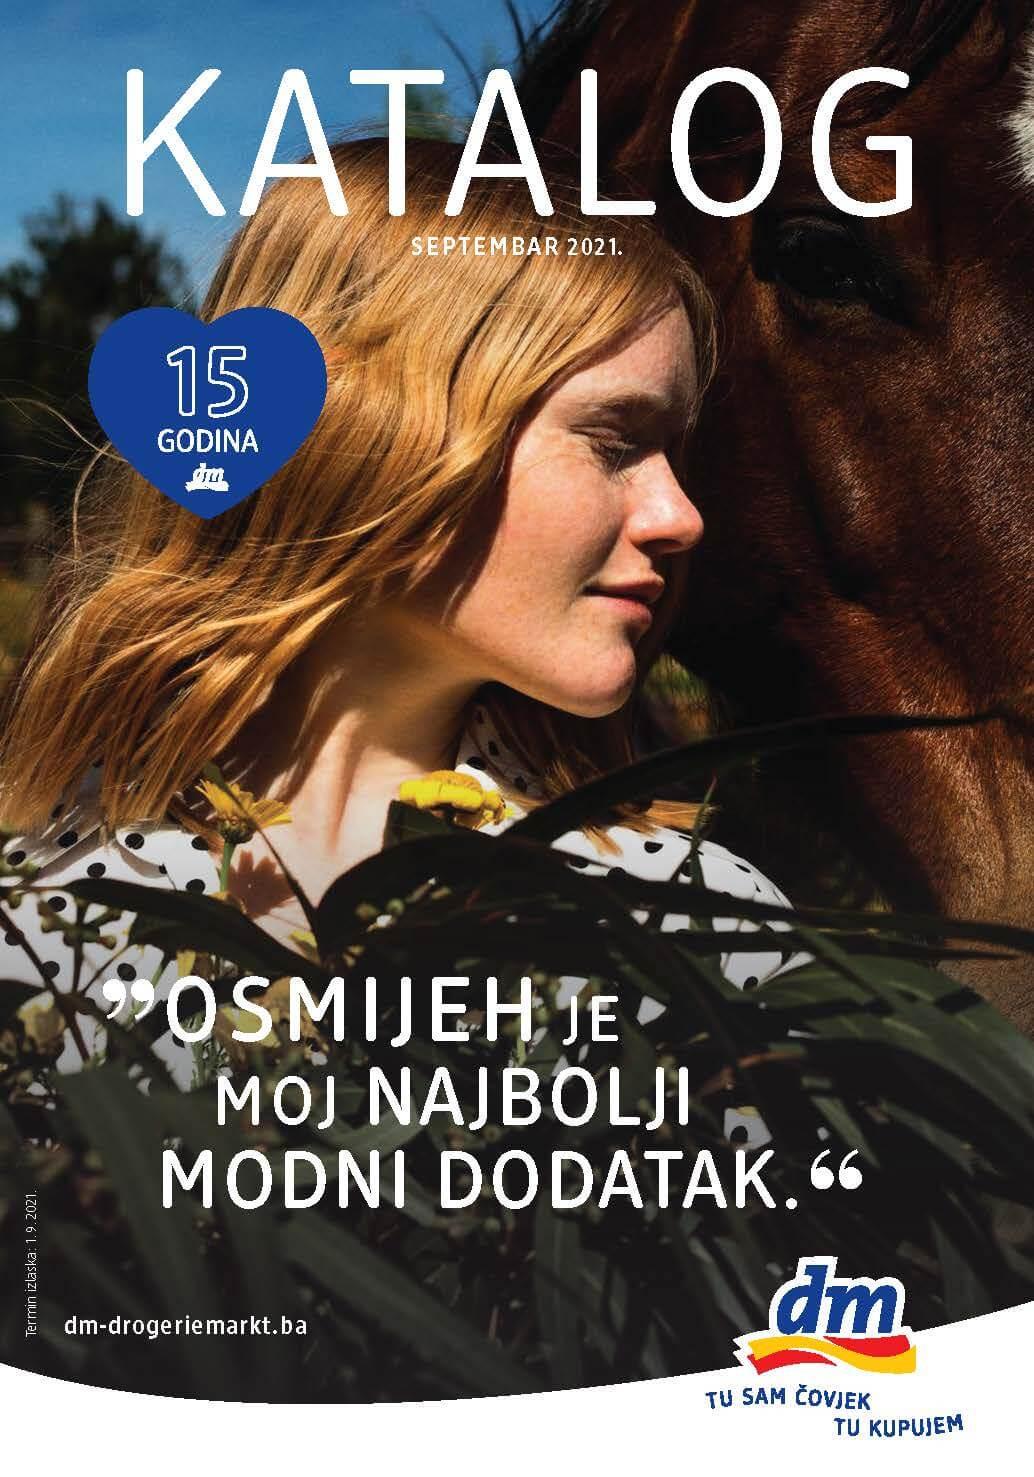 DM Katalog BiH SEPTEMBAR 2021 1.9.2021. 14.9.2021. Page 01 1